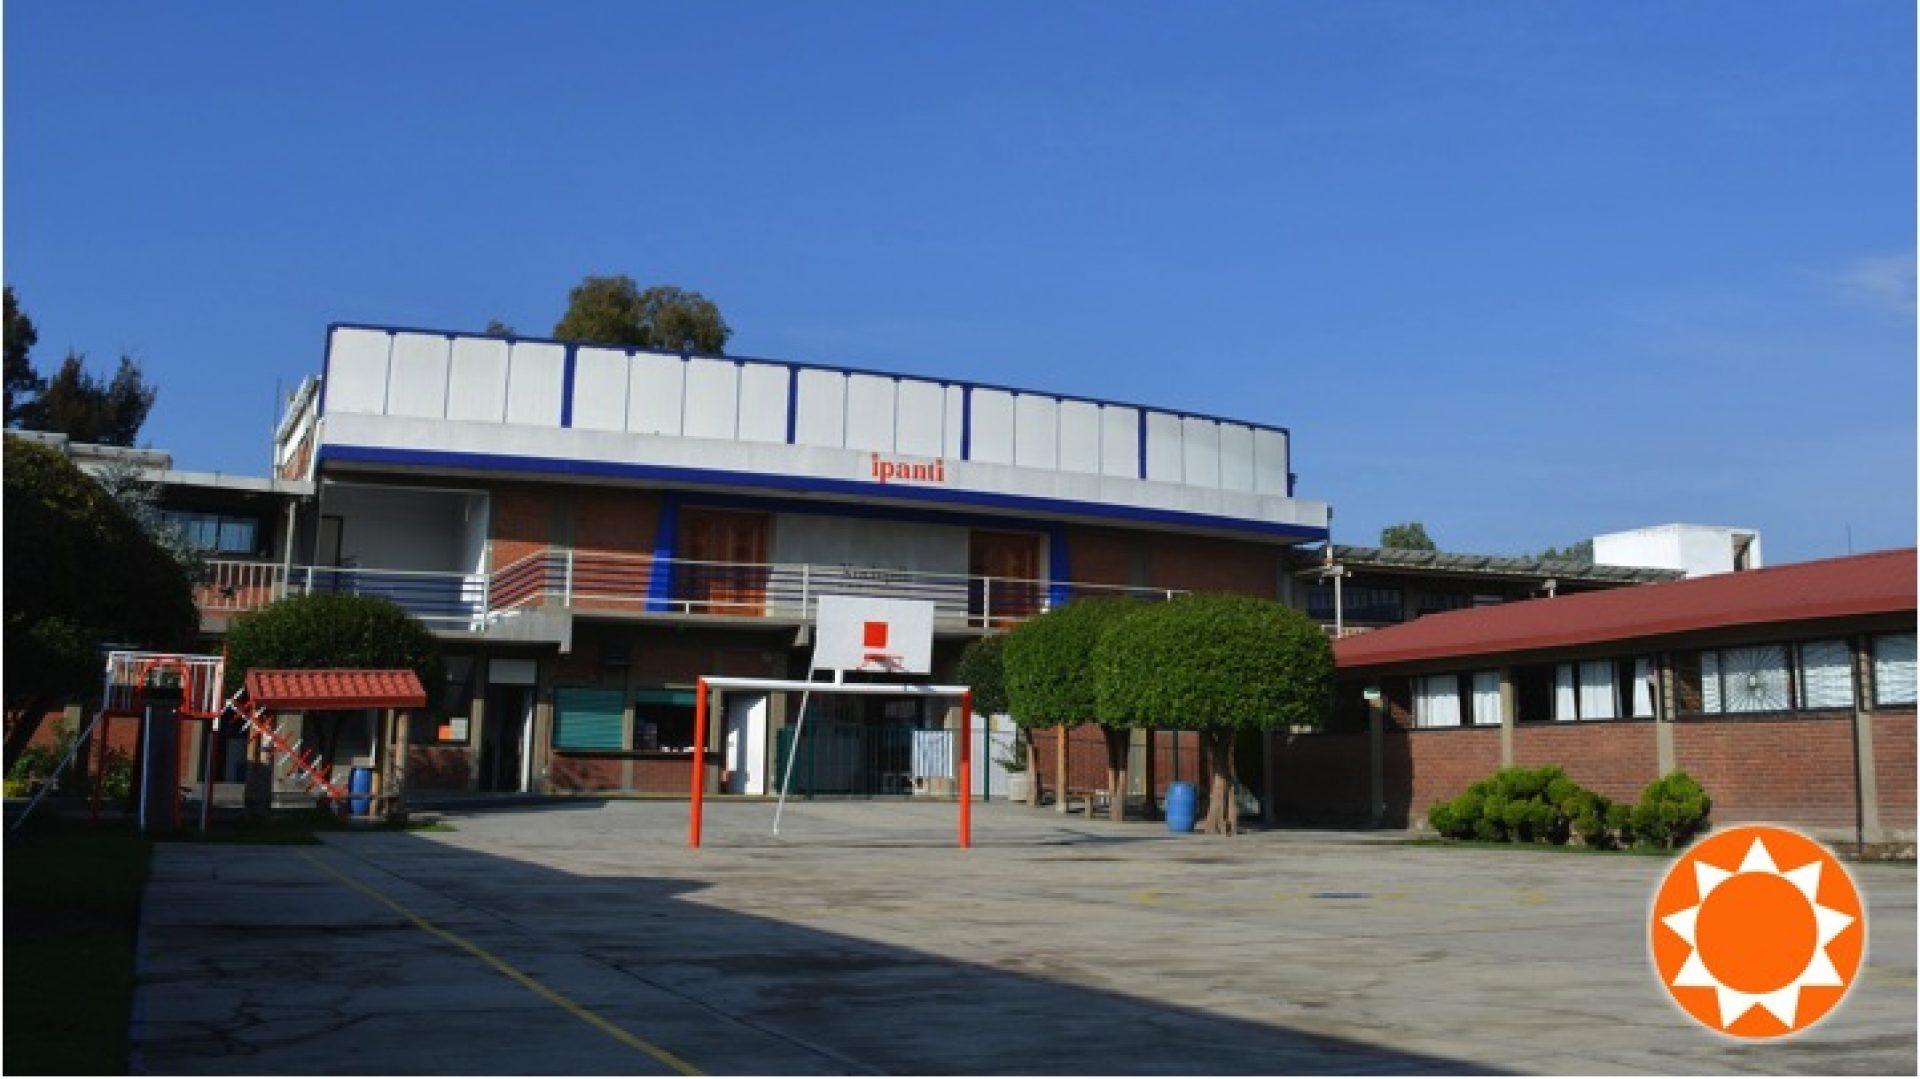 Escuela Ipanti